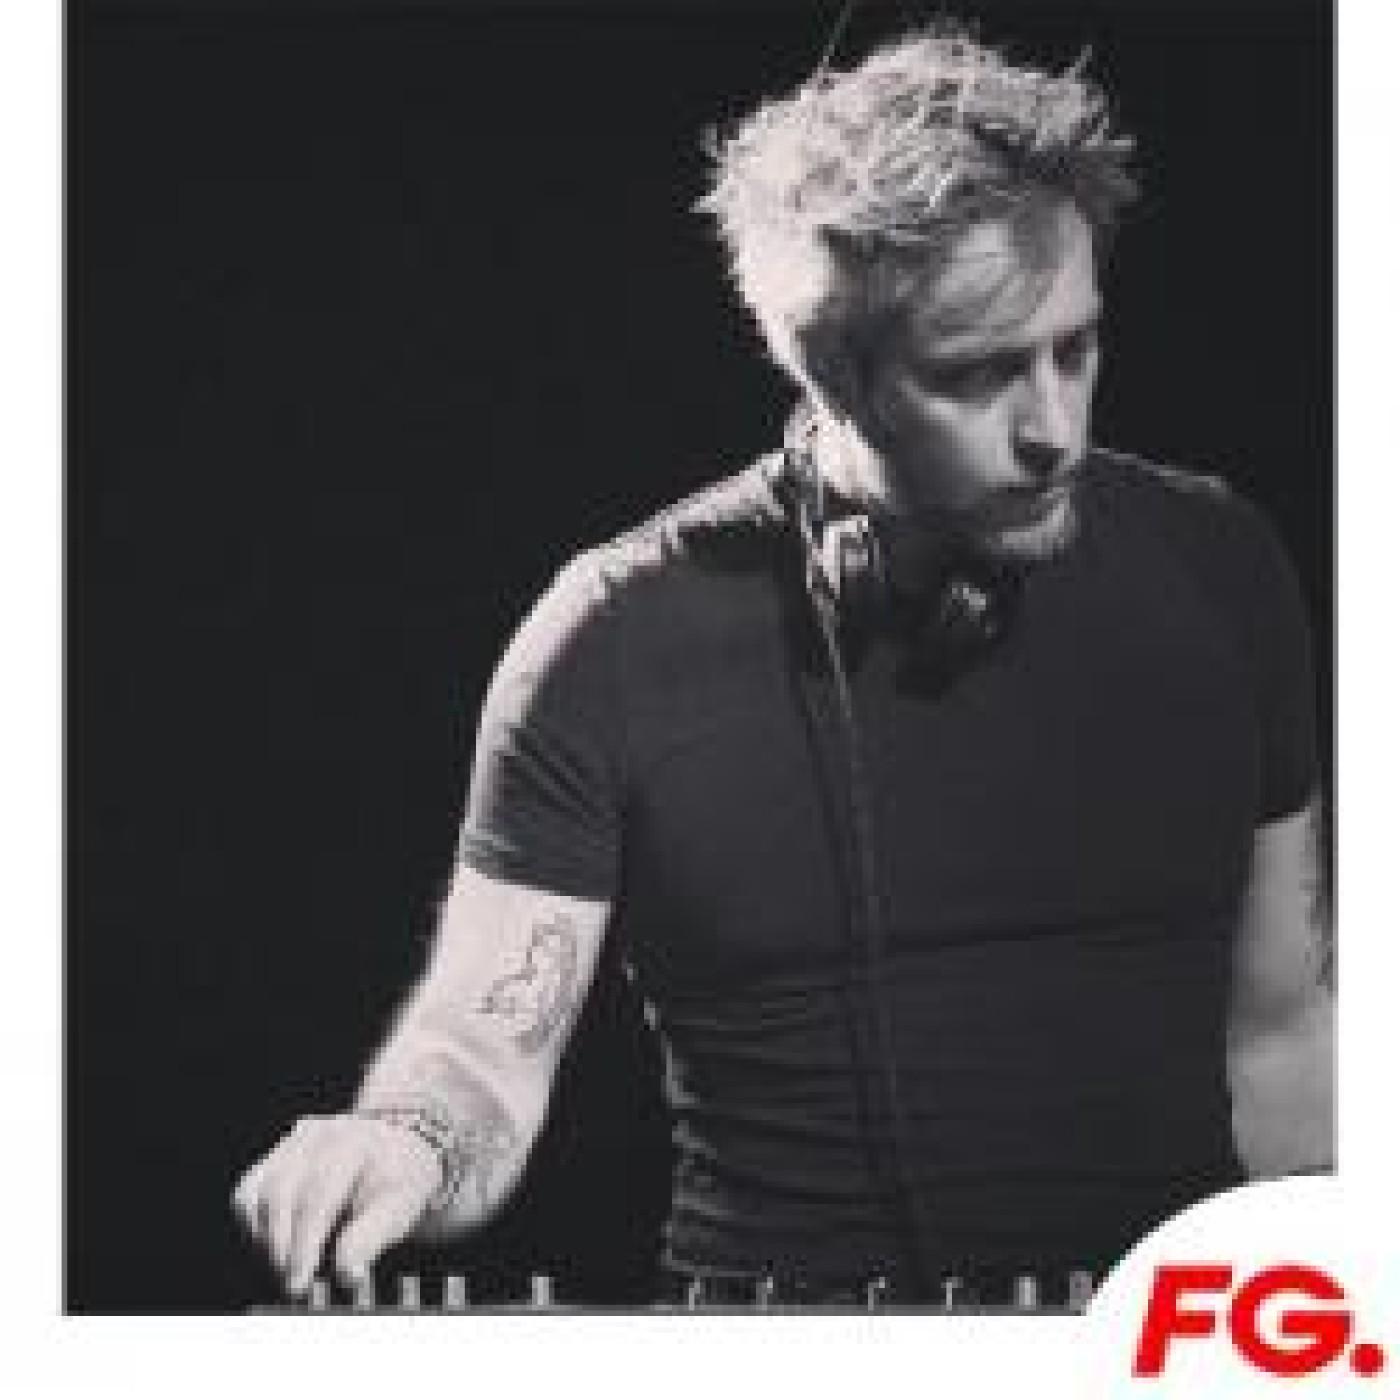 CLUB FG : DJ NESS